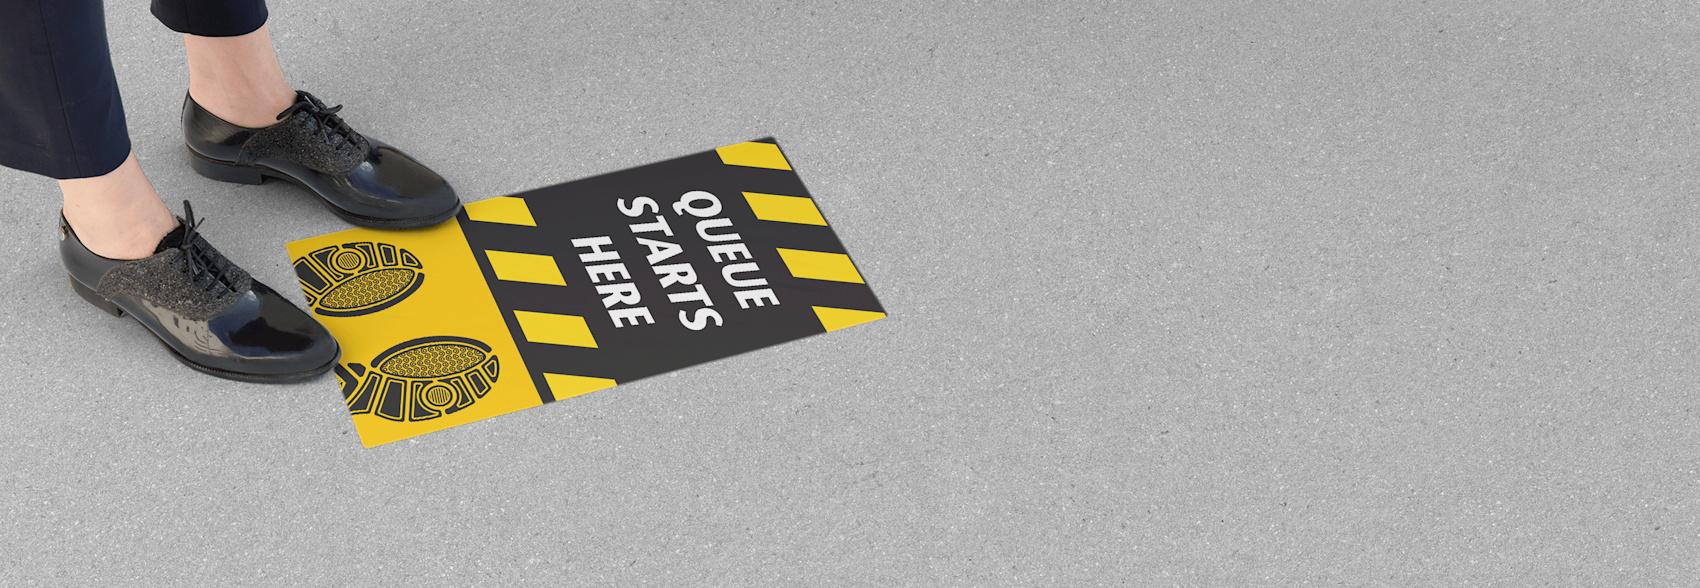 floor vinyl stickers for business